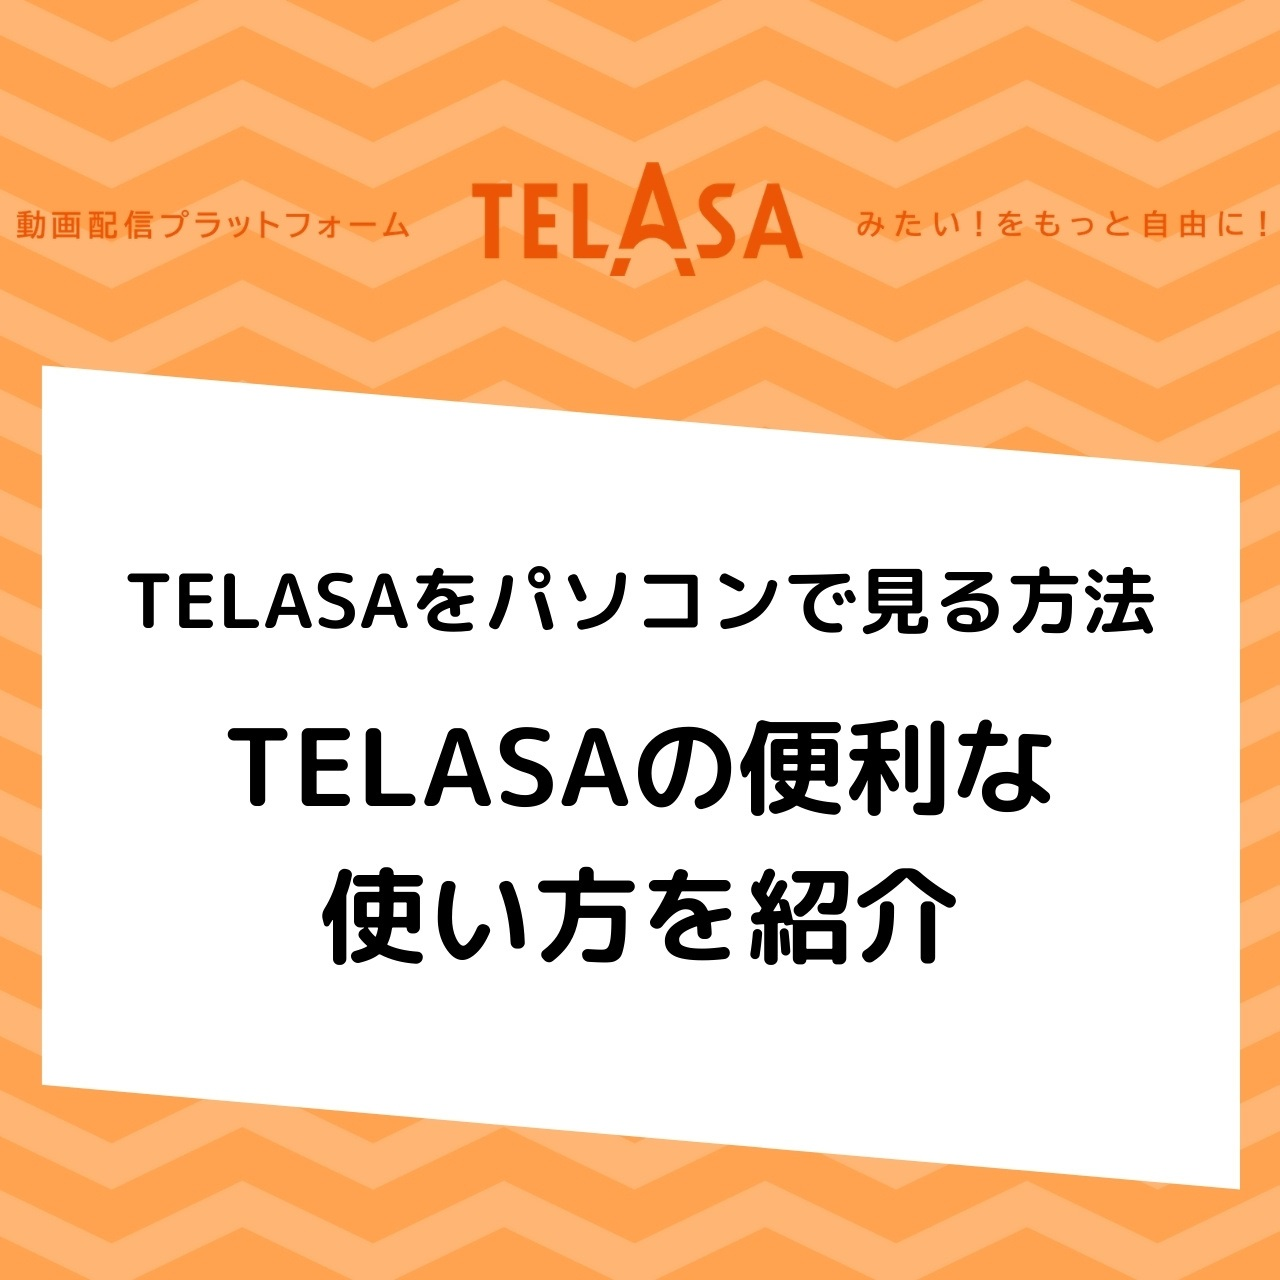 TELASAをパソコンで見る方法|TELASAの便利な使い方を紹介